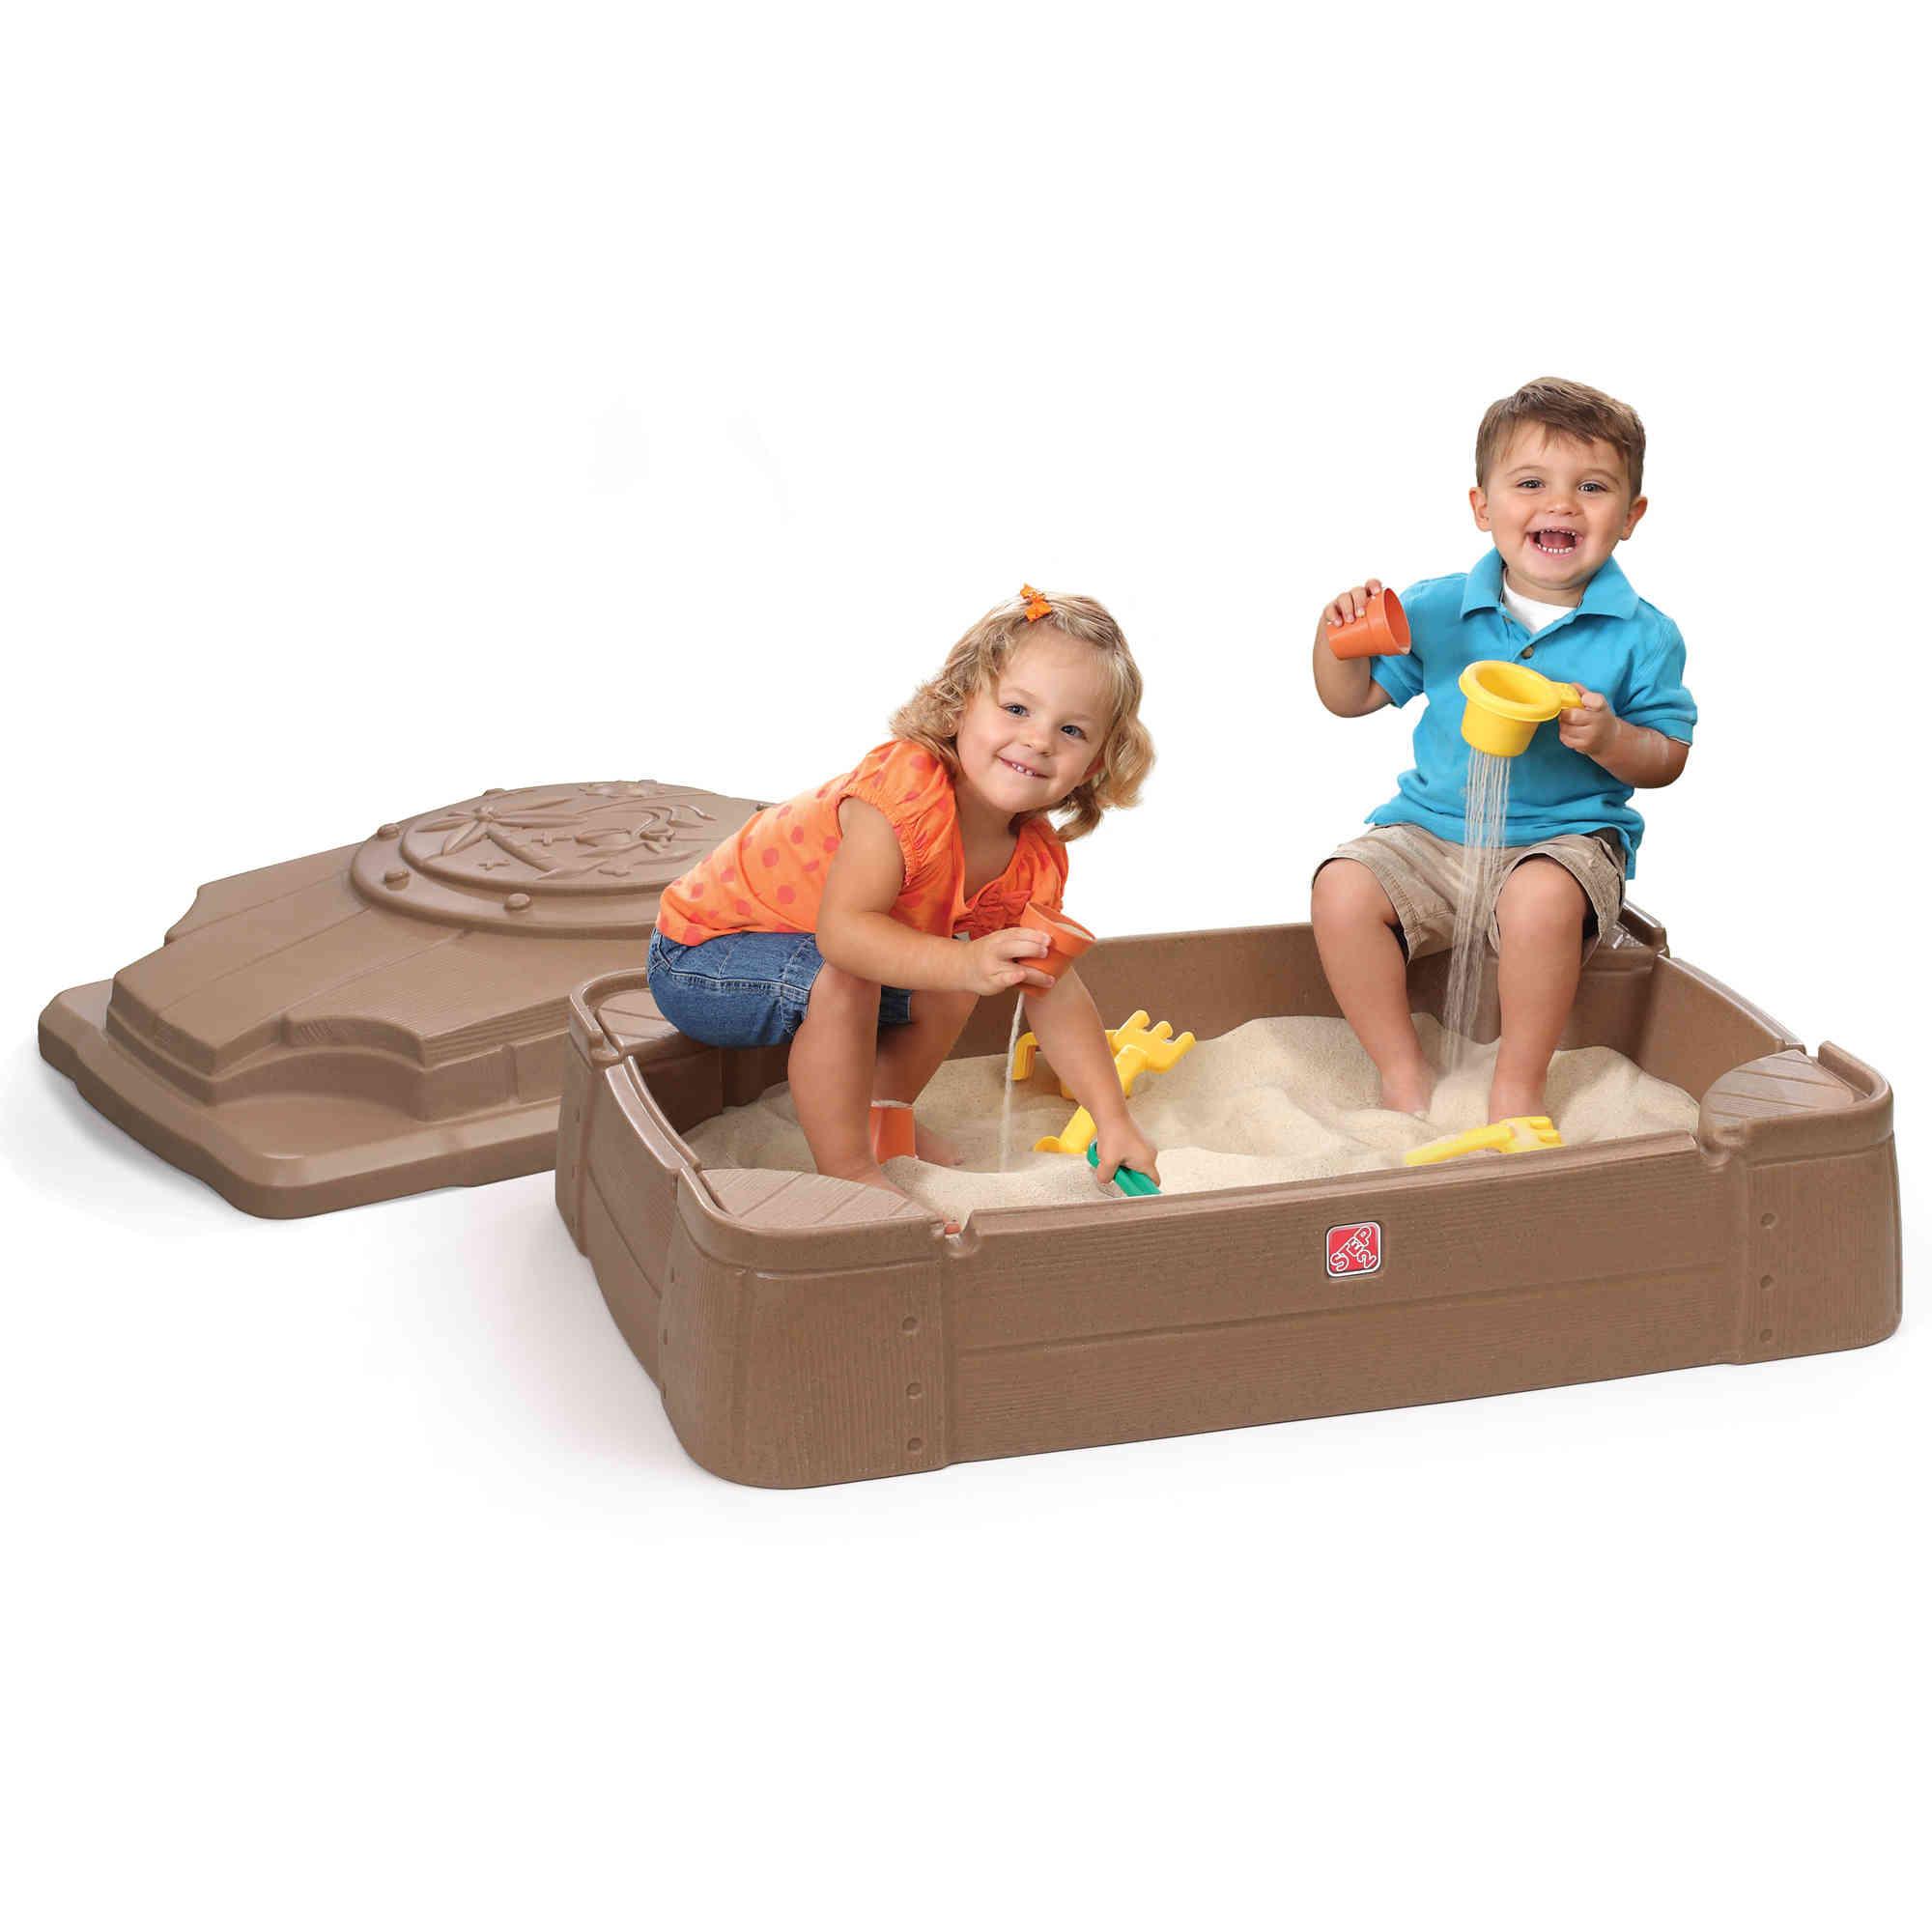 Sandkasten Sandbox | mit Boden und Deckel